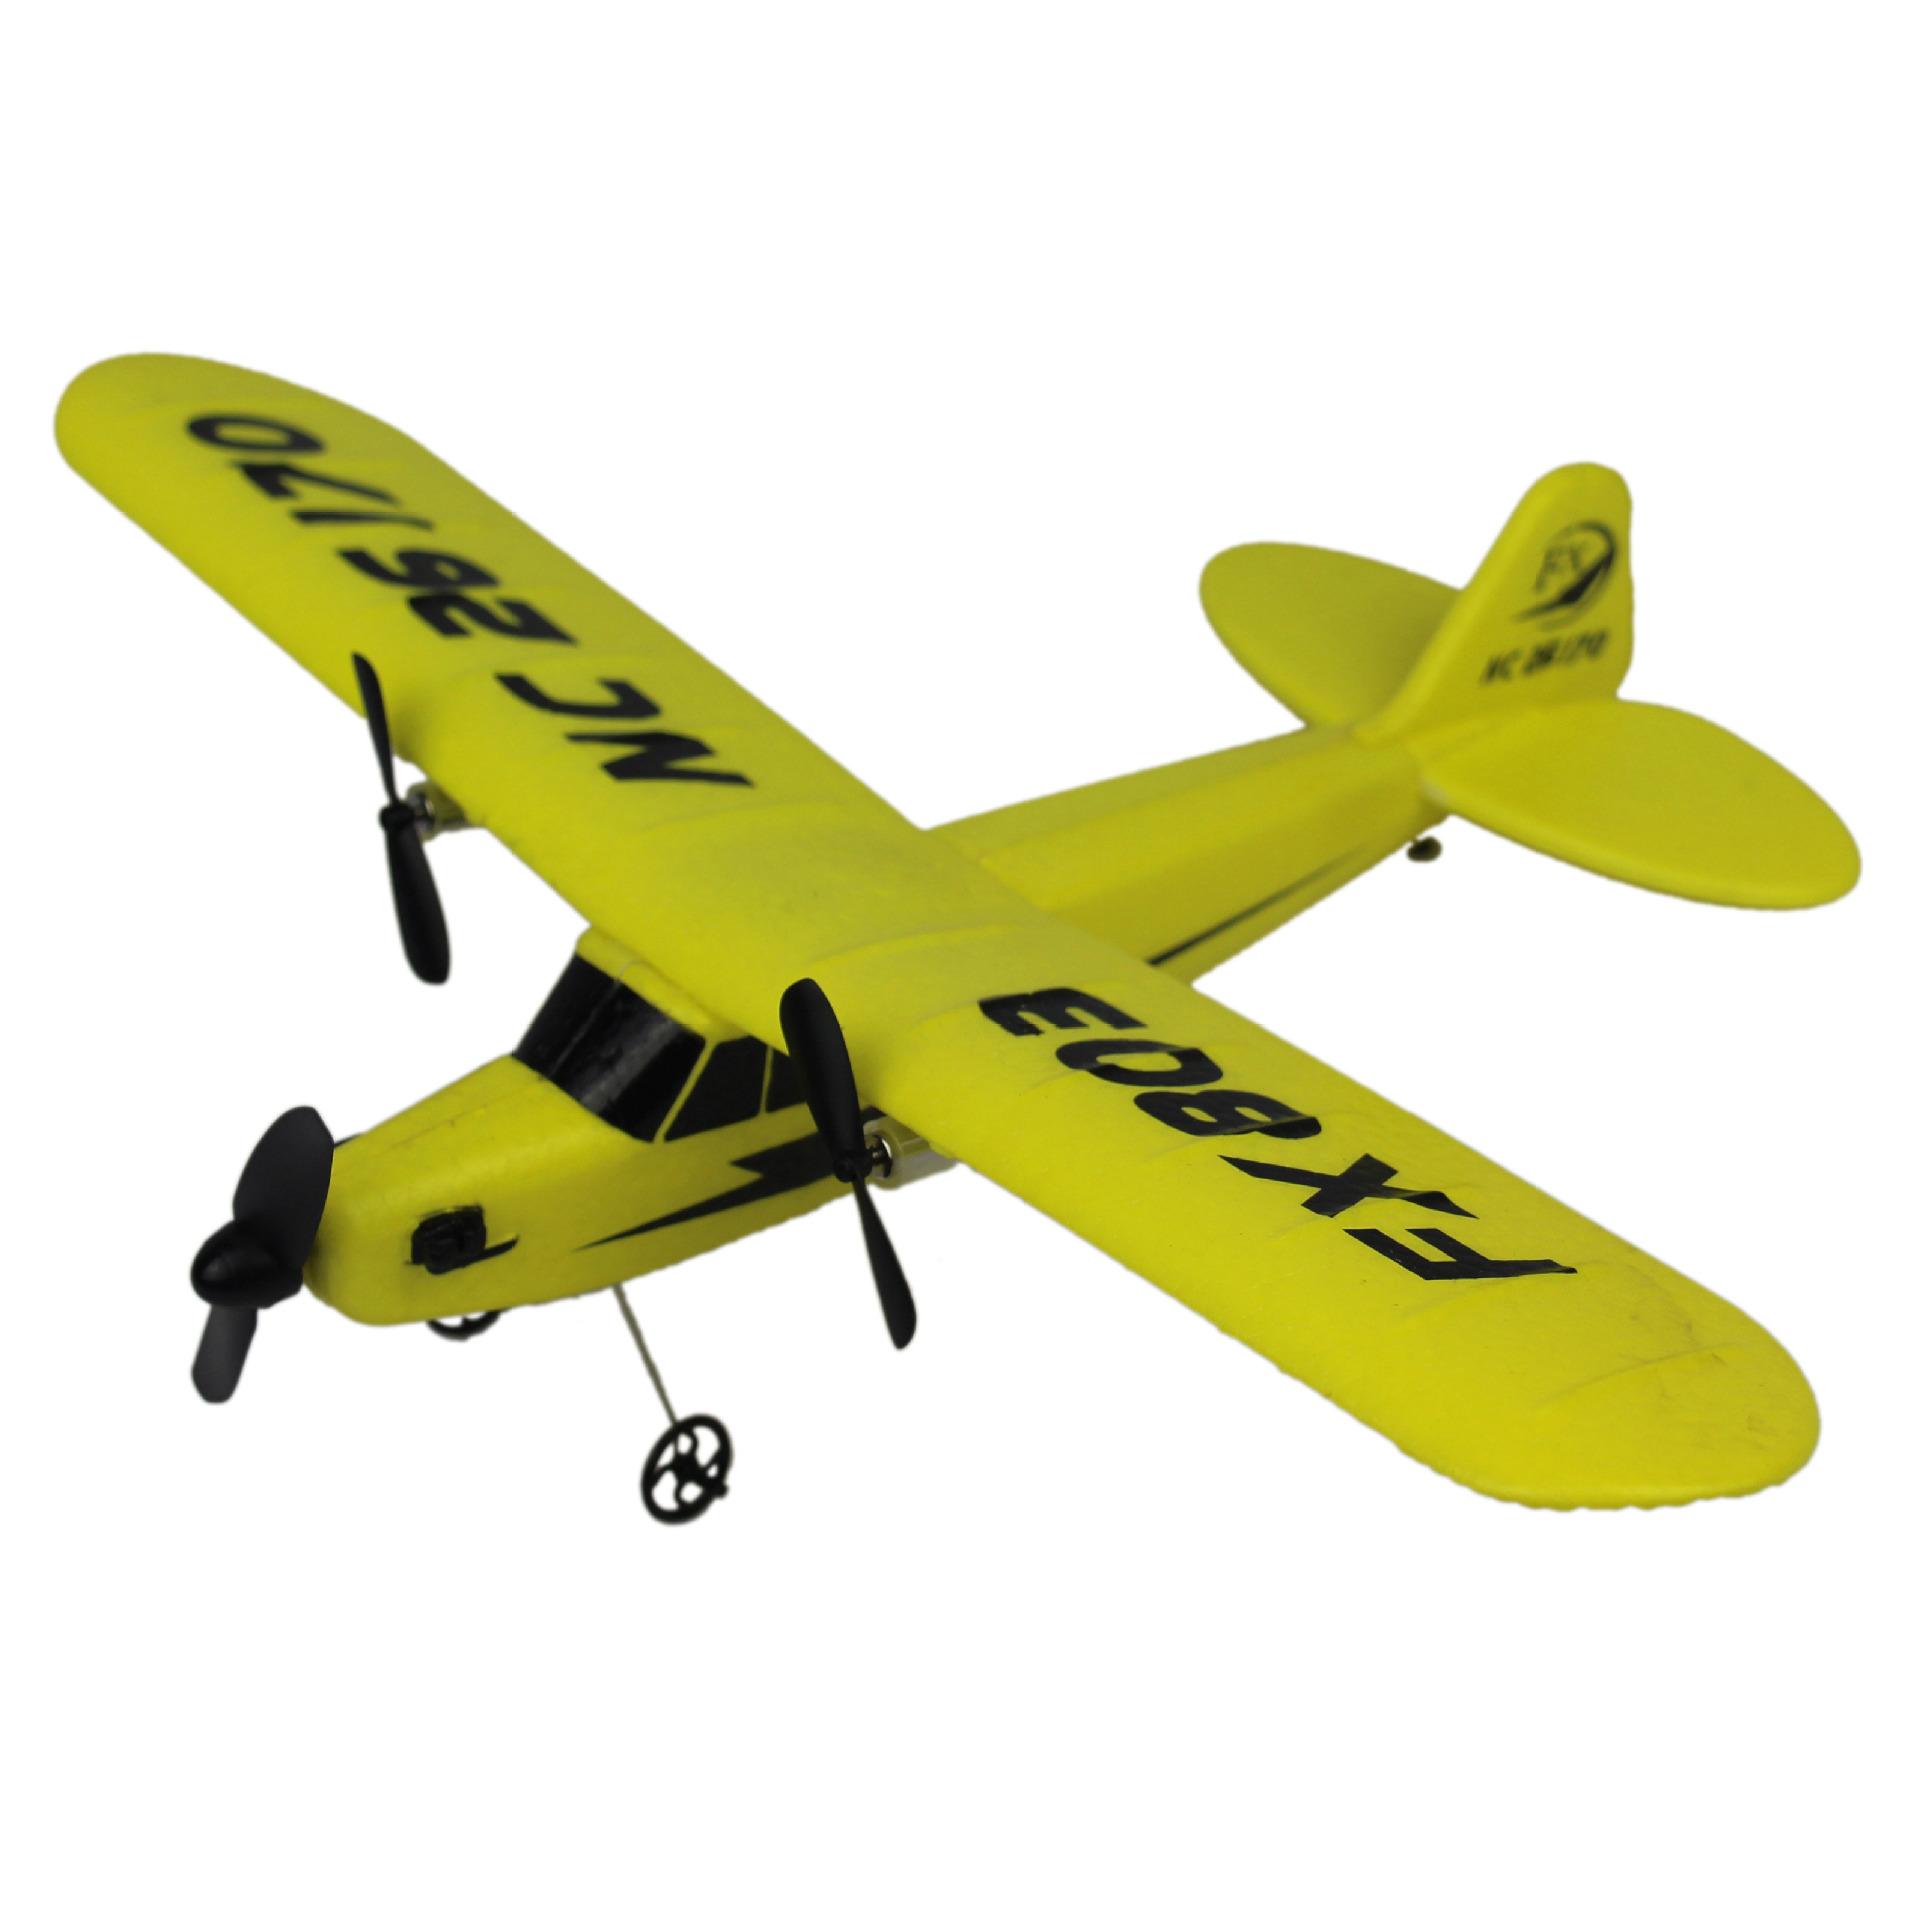 [顽潮玩具电动,亚博备用网址飞机]2.4G两通亚博备用网址滑翔机FX803泡沫月销量2件仅售98元